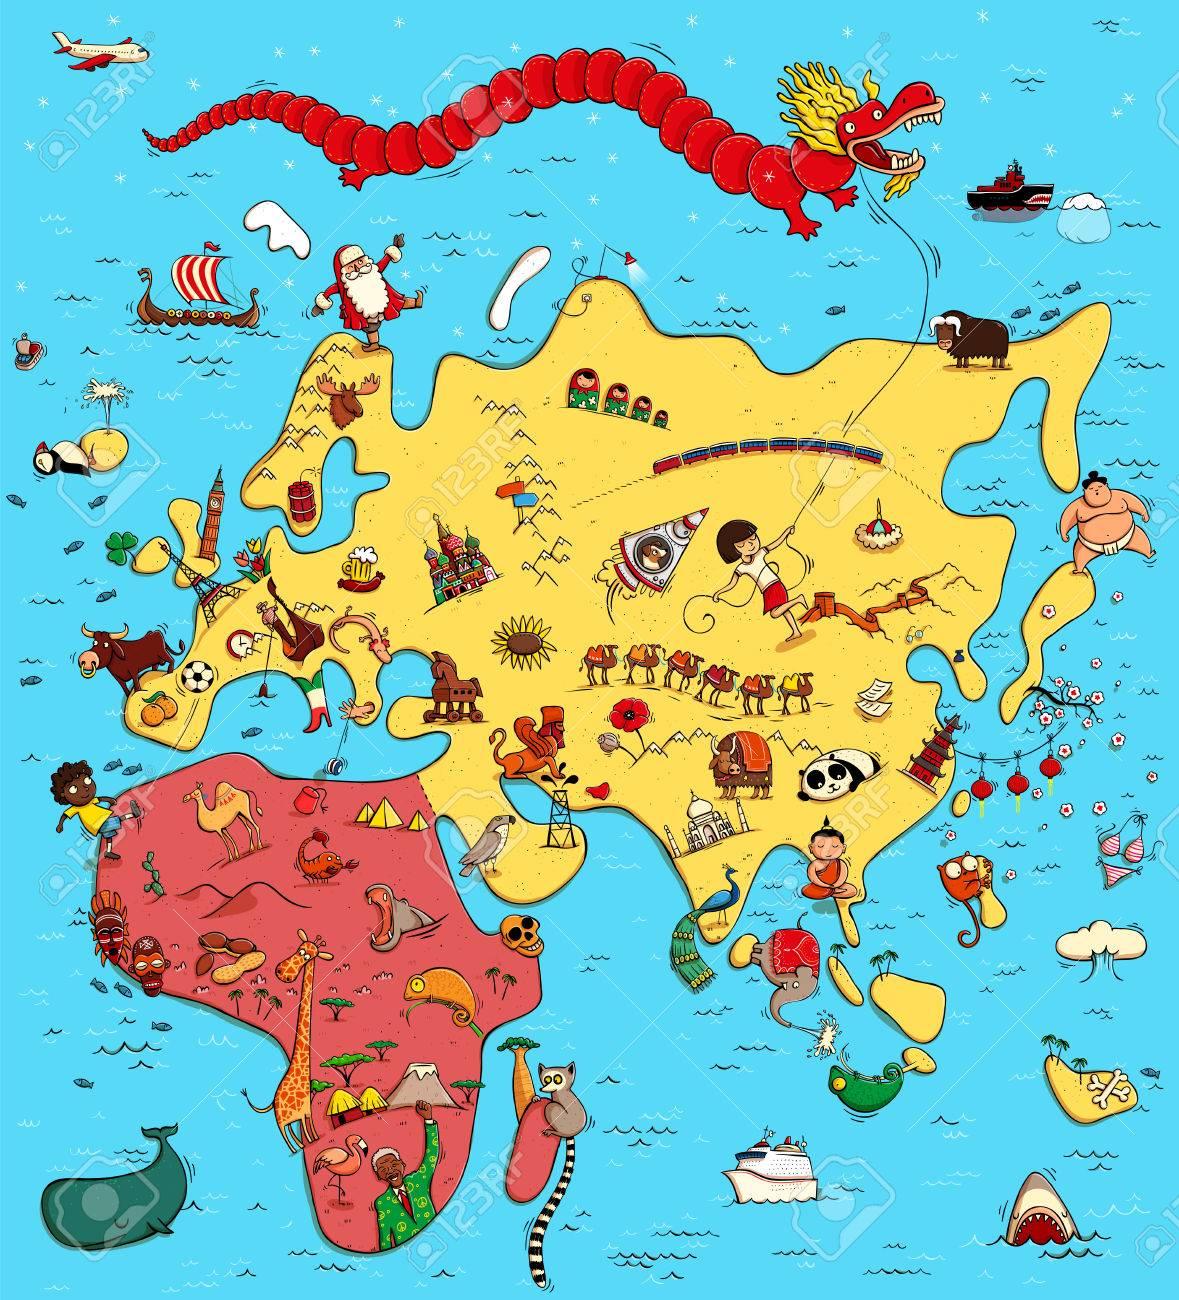 Europa Asia Cartina.Illustrato Mappa Di Europa Asia E Africa Con Gli Oggetti Divertenti E Tipici Persone Attivita Animali Piante Storia Etc Illustrazione Nel